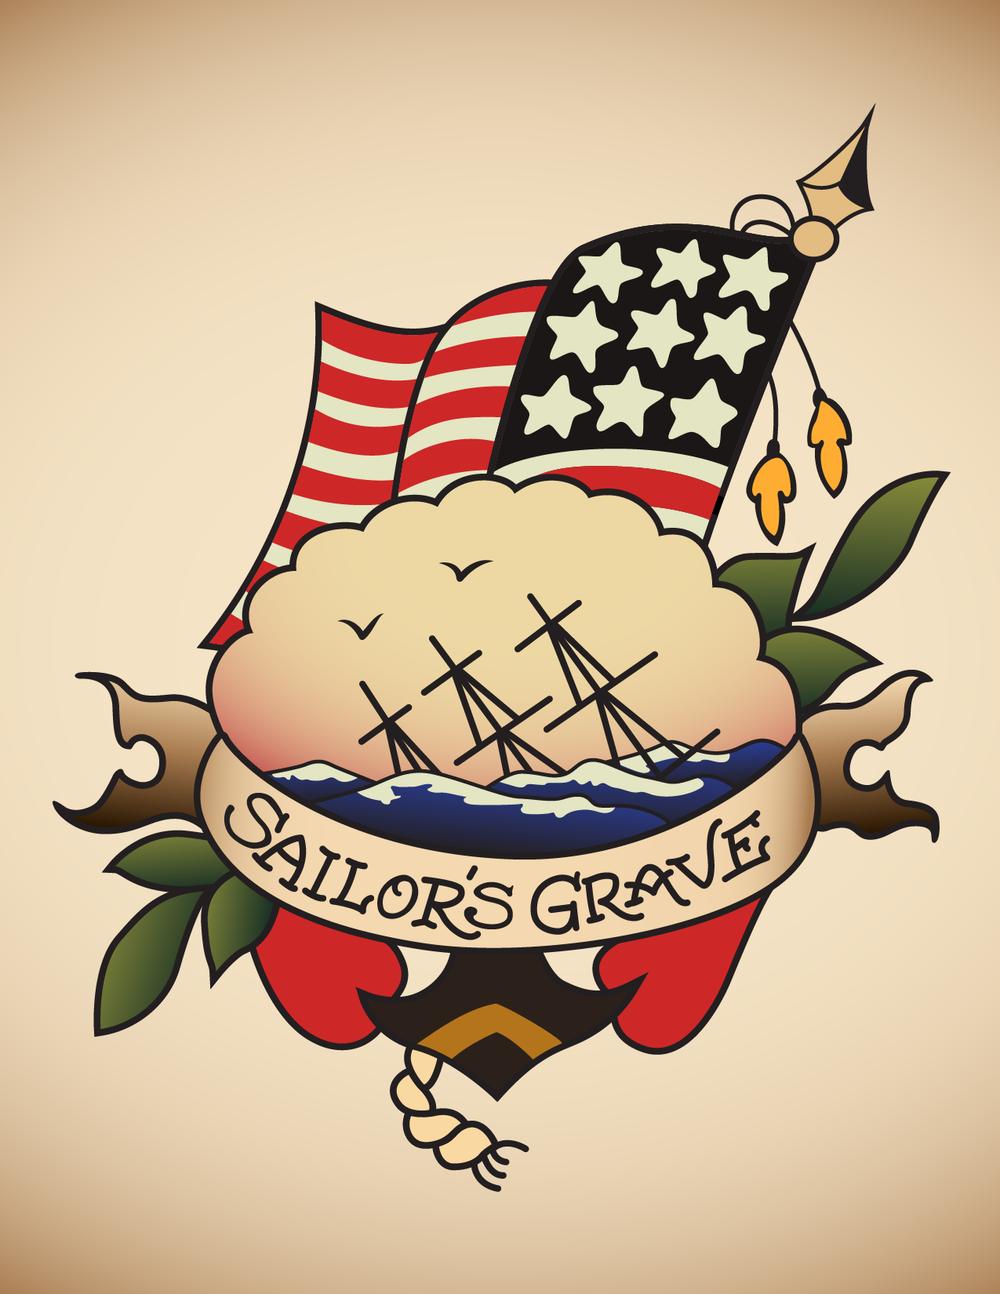 Sailor's Grave-01.png